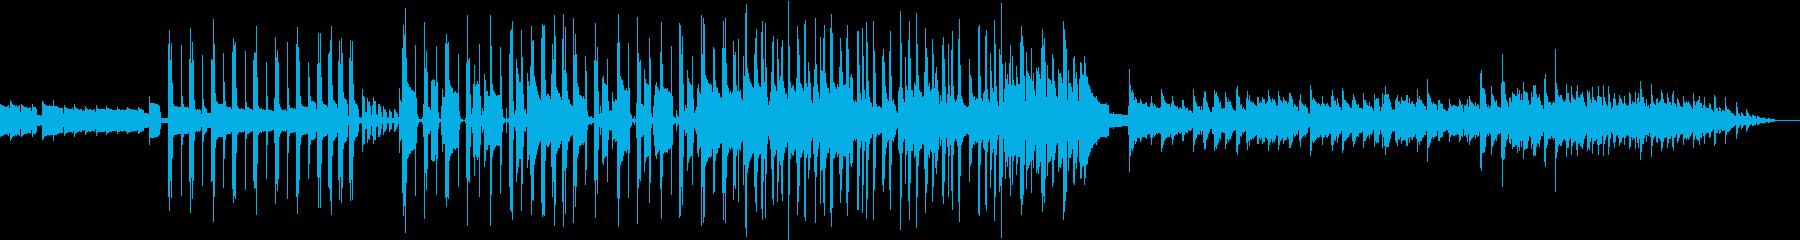 ベースラインが特徴的な明るいポップスの再生済みの波形